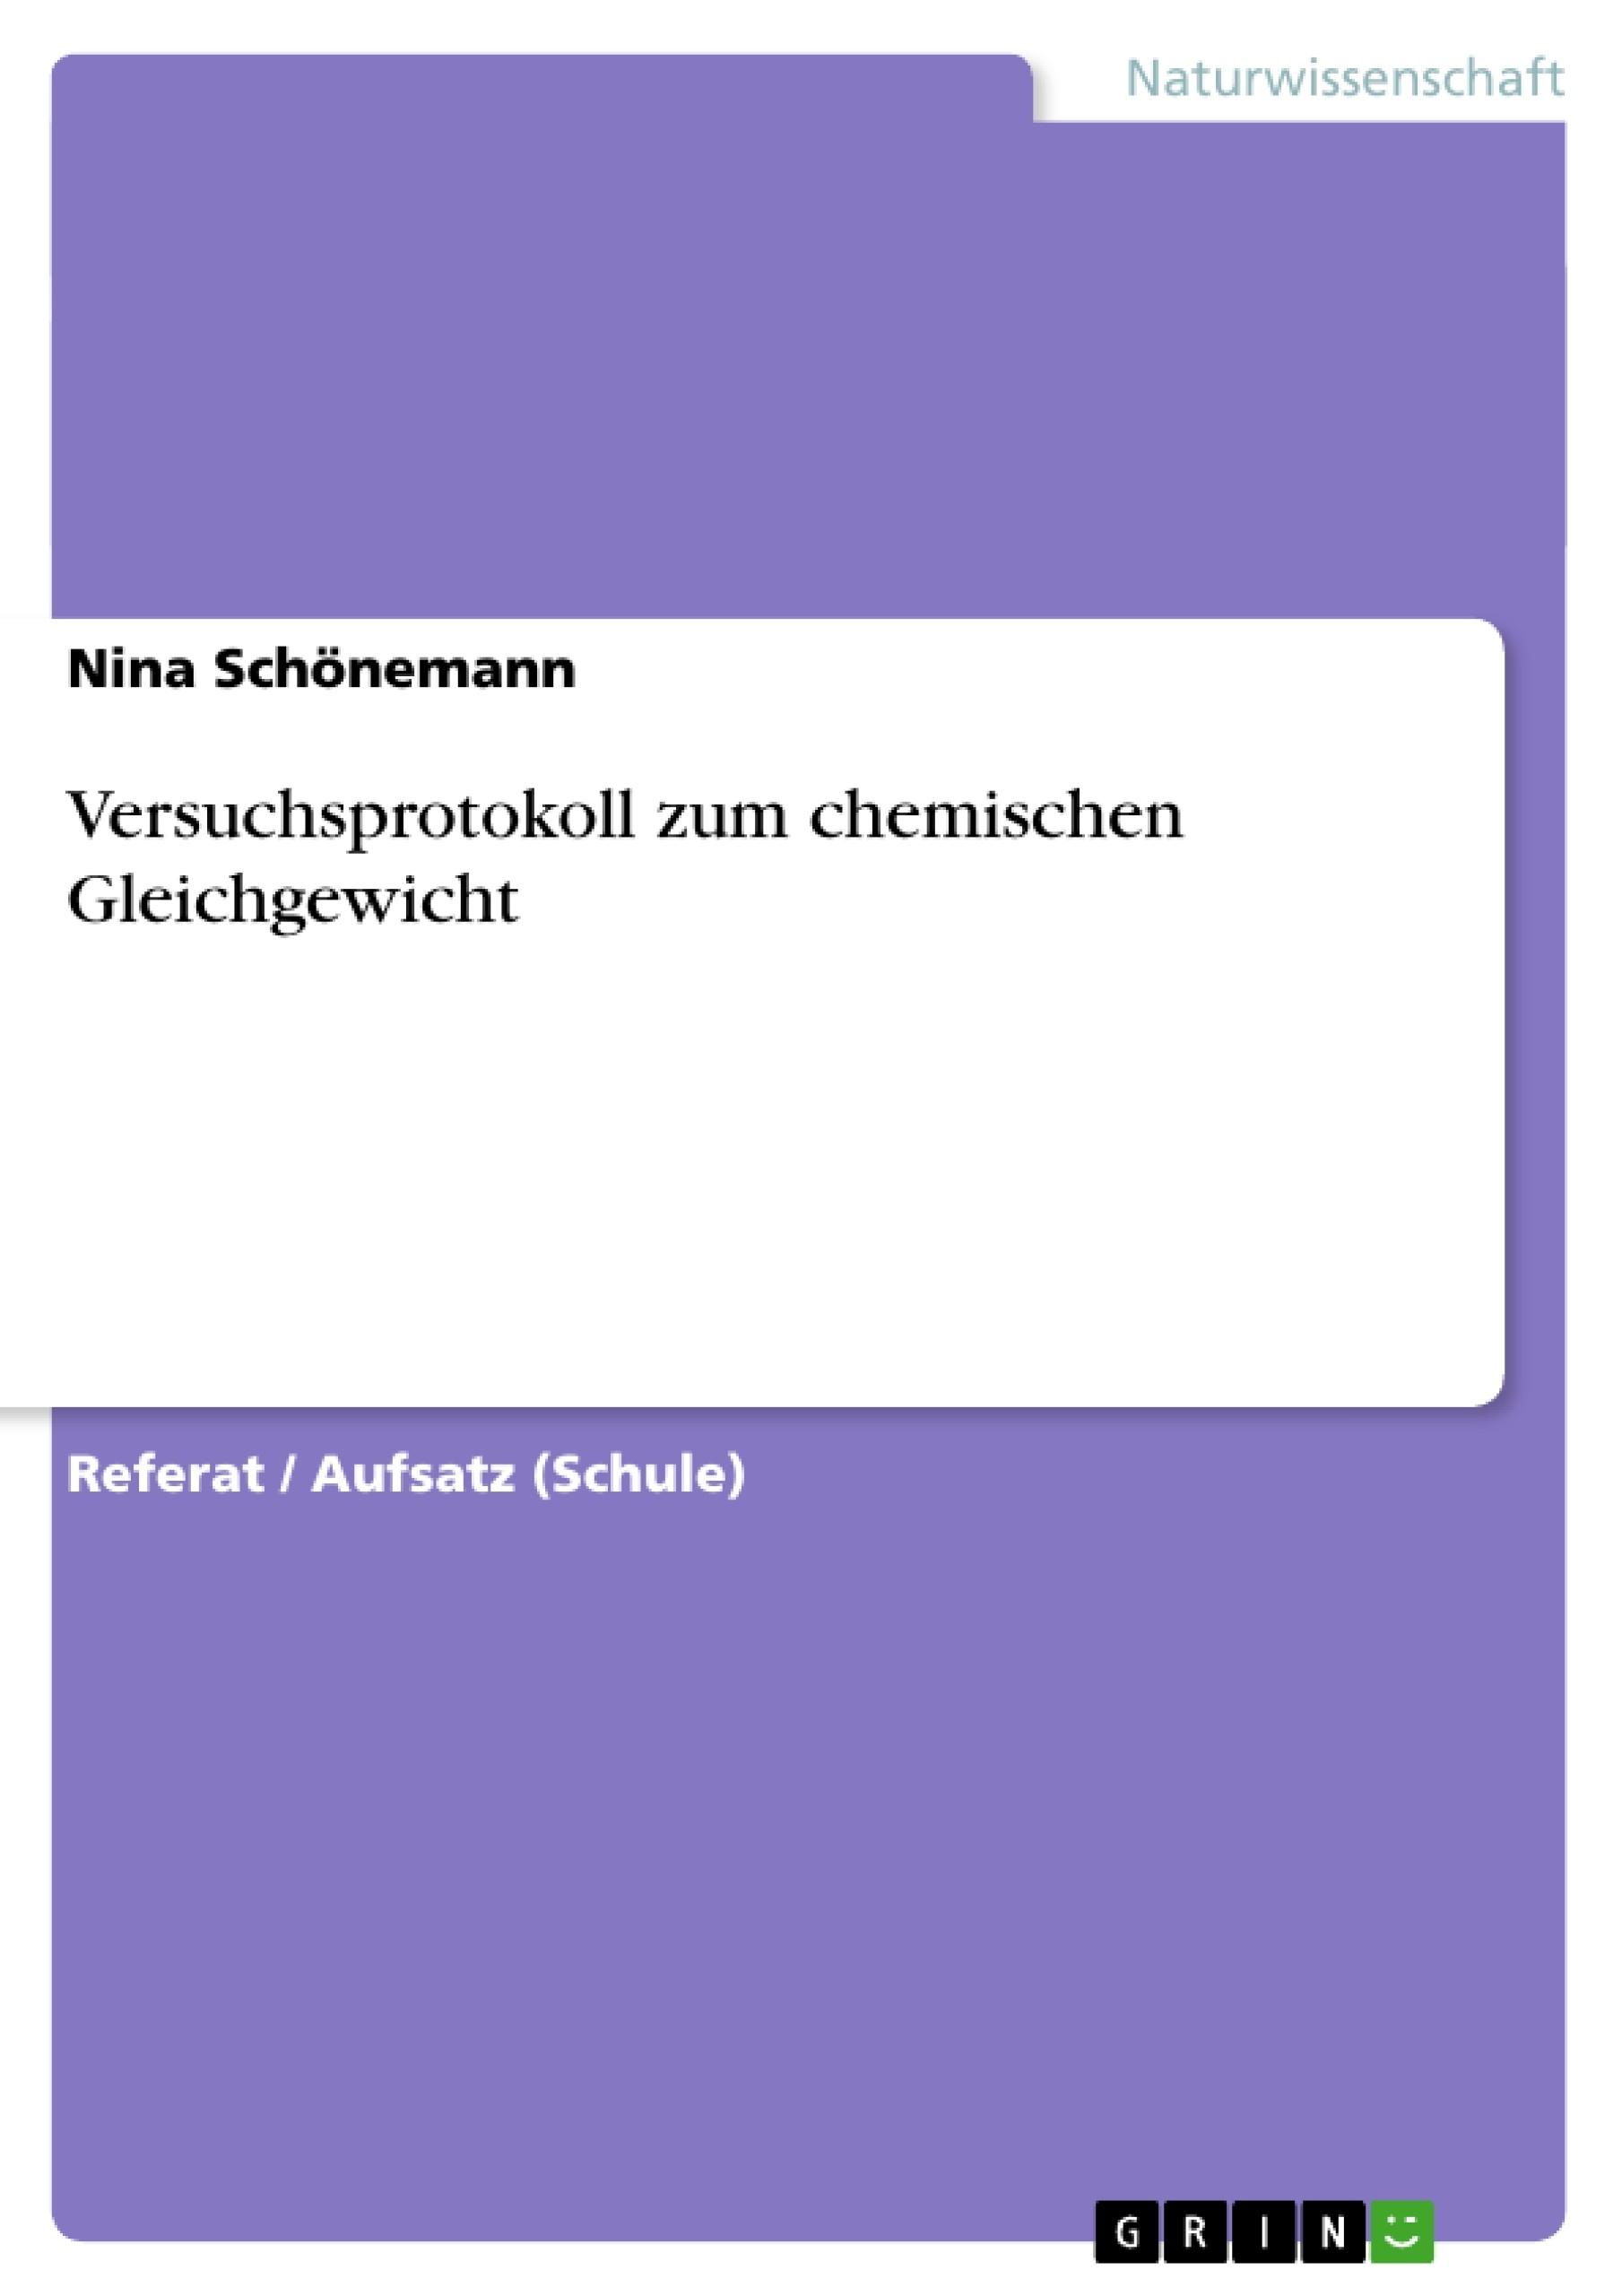 Titel: Versuchsprotokoll zum chemischen Gleichgewicht